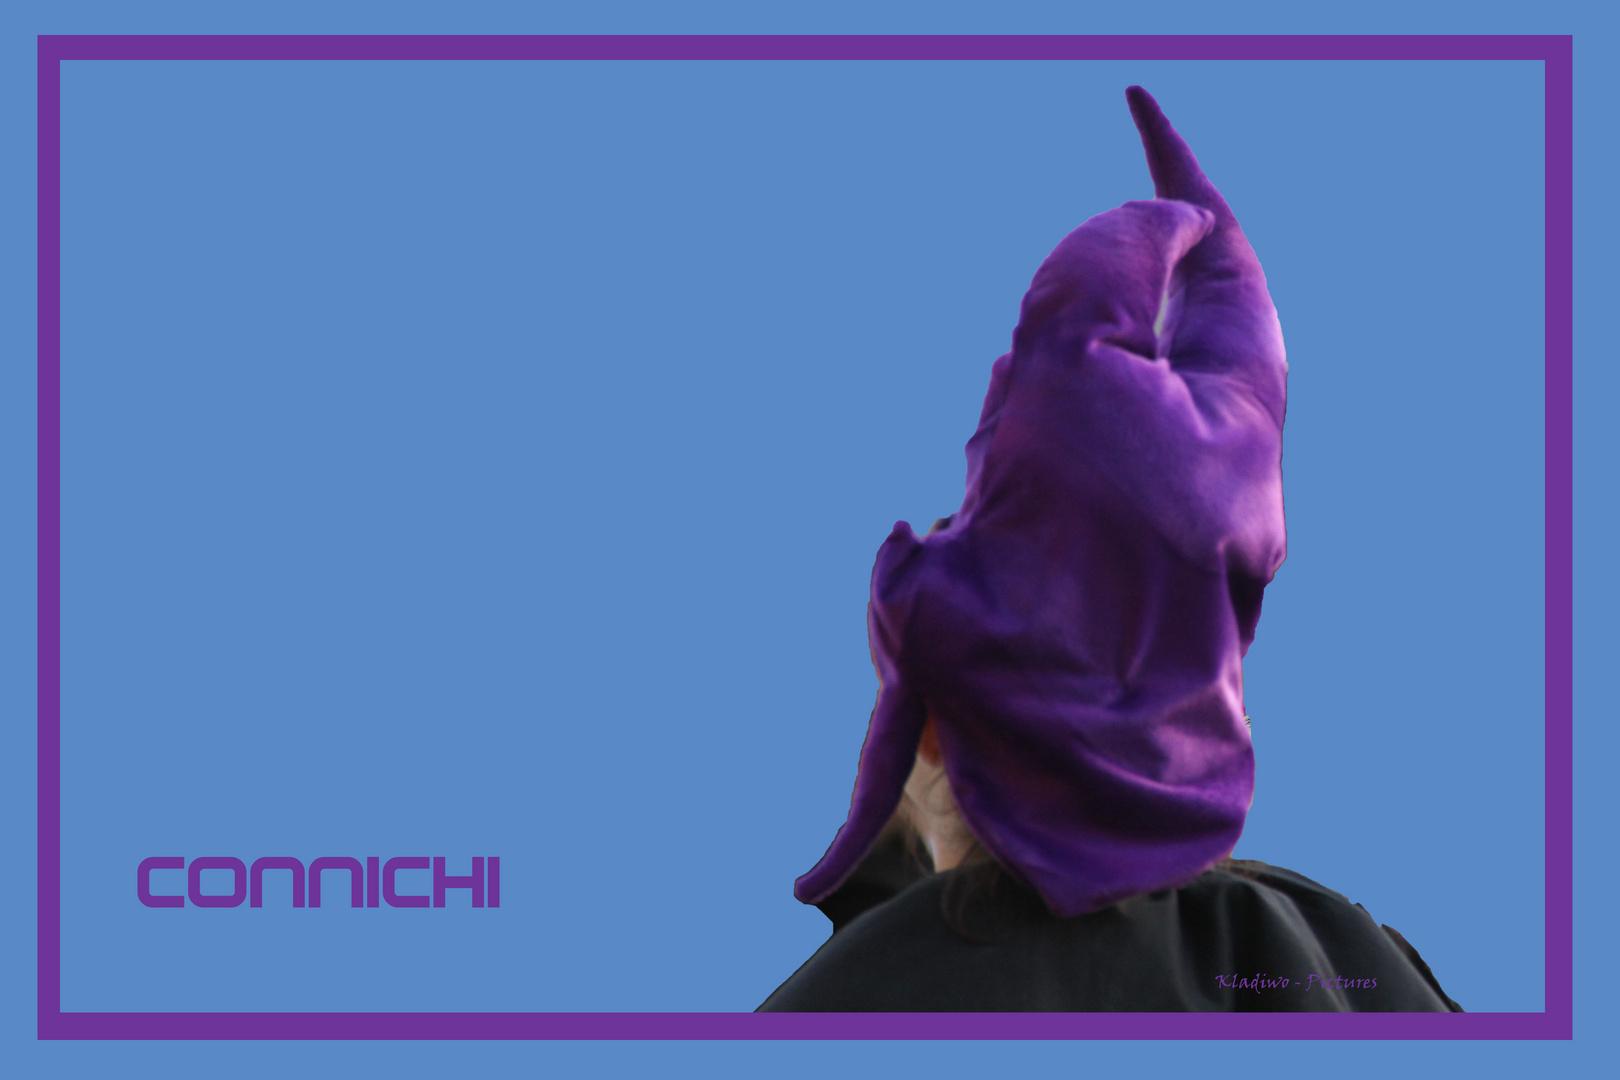 Connichi 03